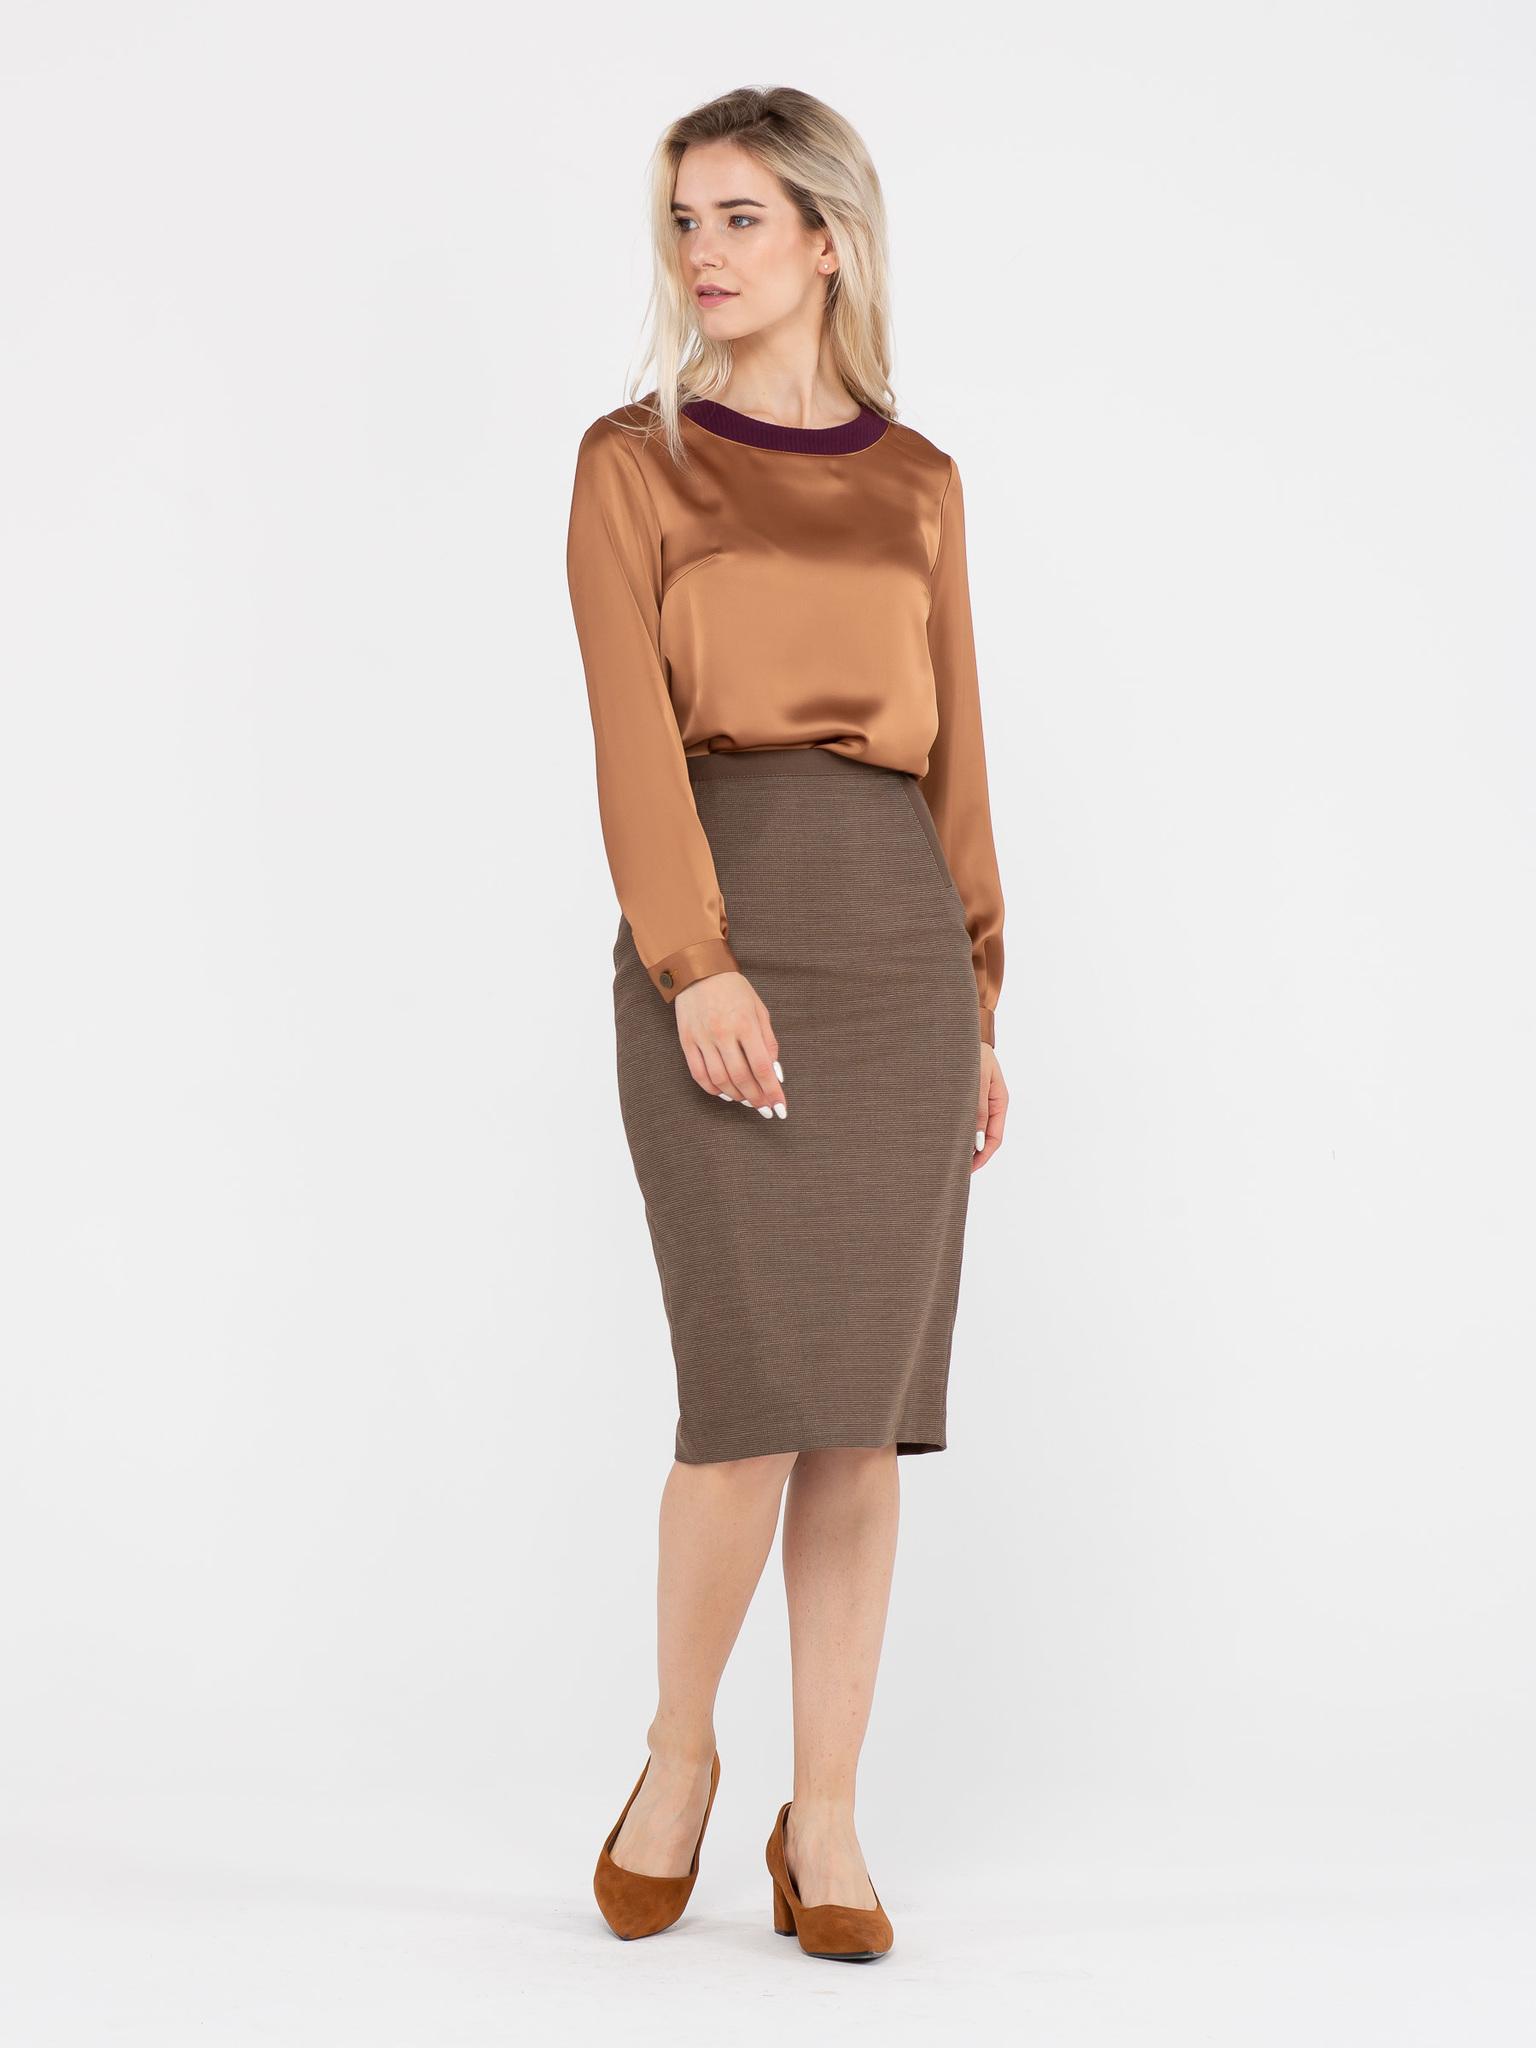 Юбка Б042-151 - Прямая юбка ниже колена из плотной костюмной ткани. Подкладка из вискозы, сзади шлица. Ткань отлично держит форму.